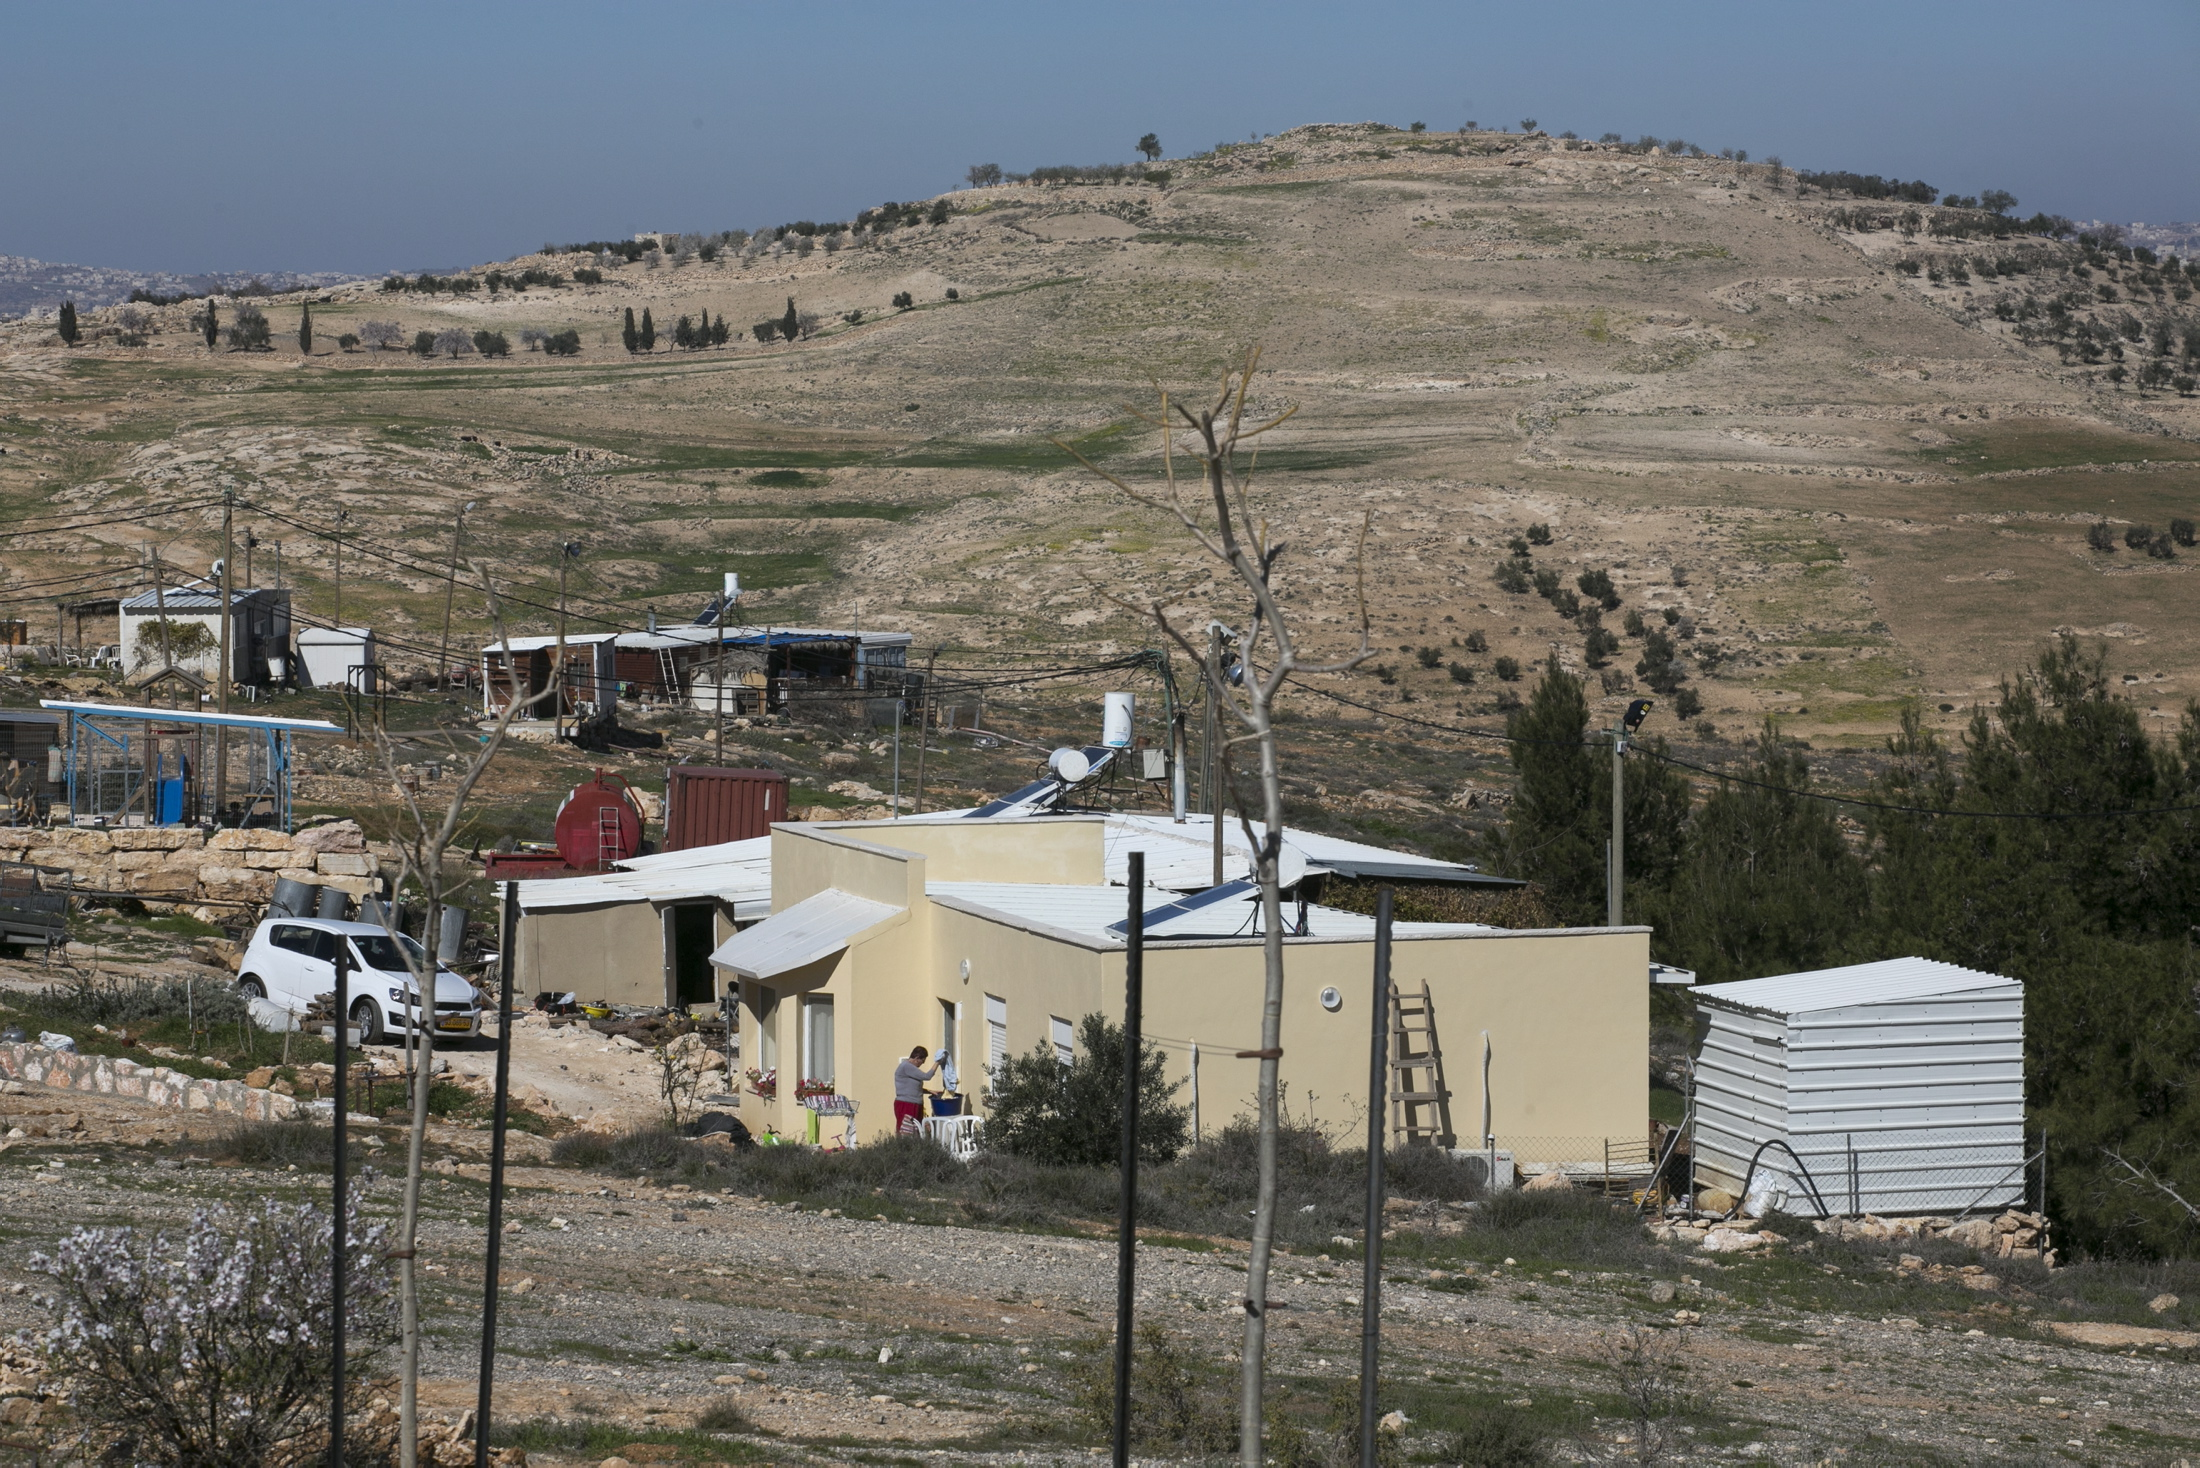 اسرائيل تسعى لشرعنة بؤرة استيطانية في منطقة هدمت فيها قرى فلسطينية لأنها عسكرية